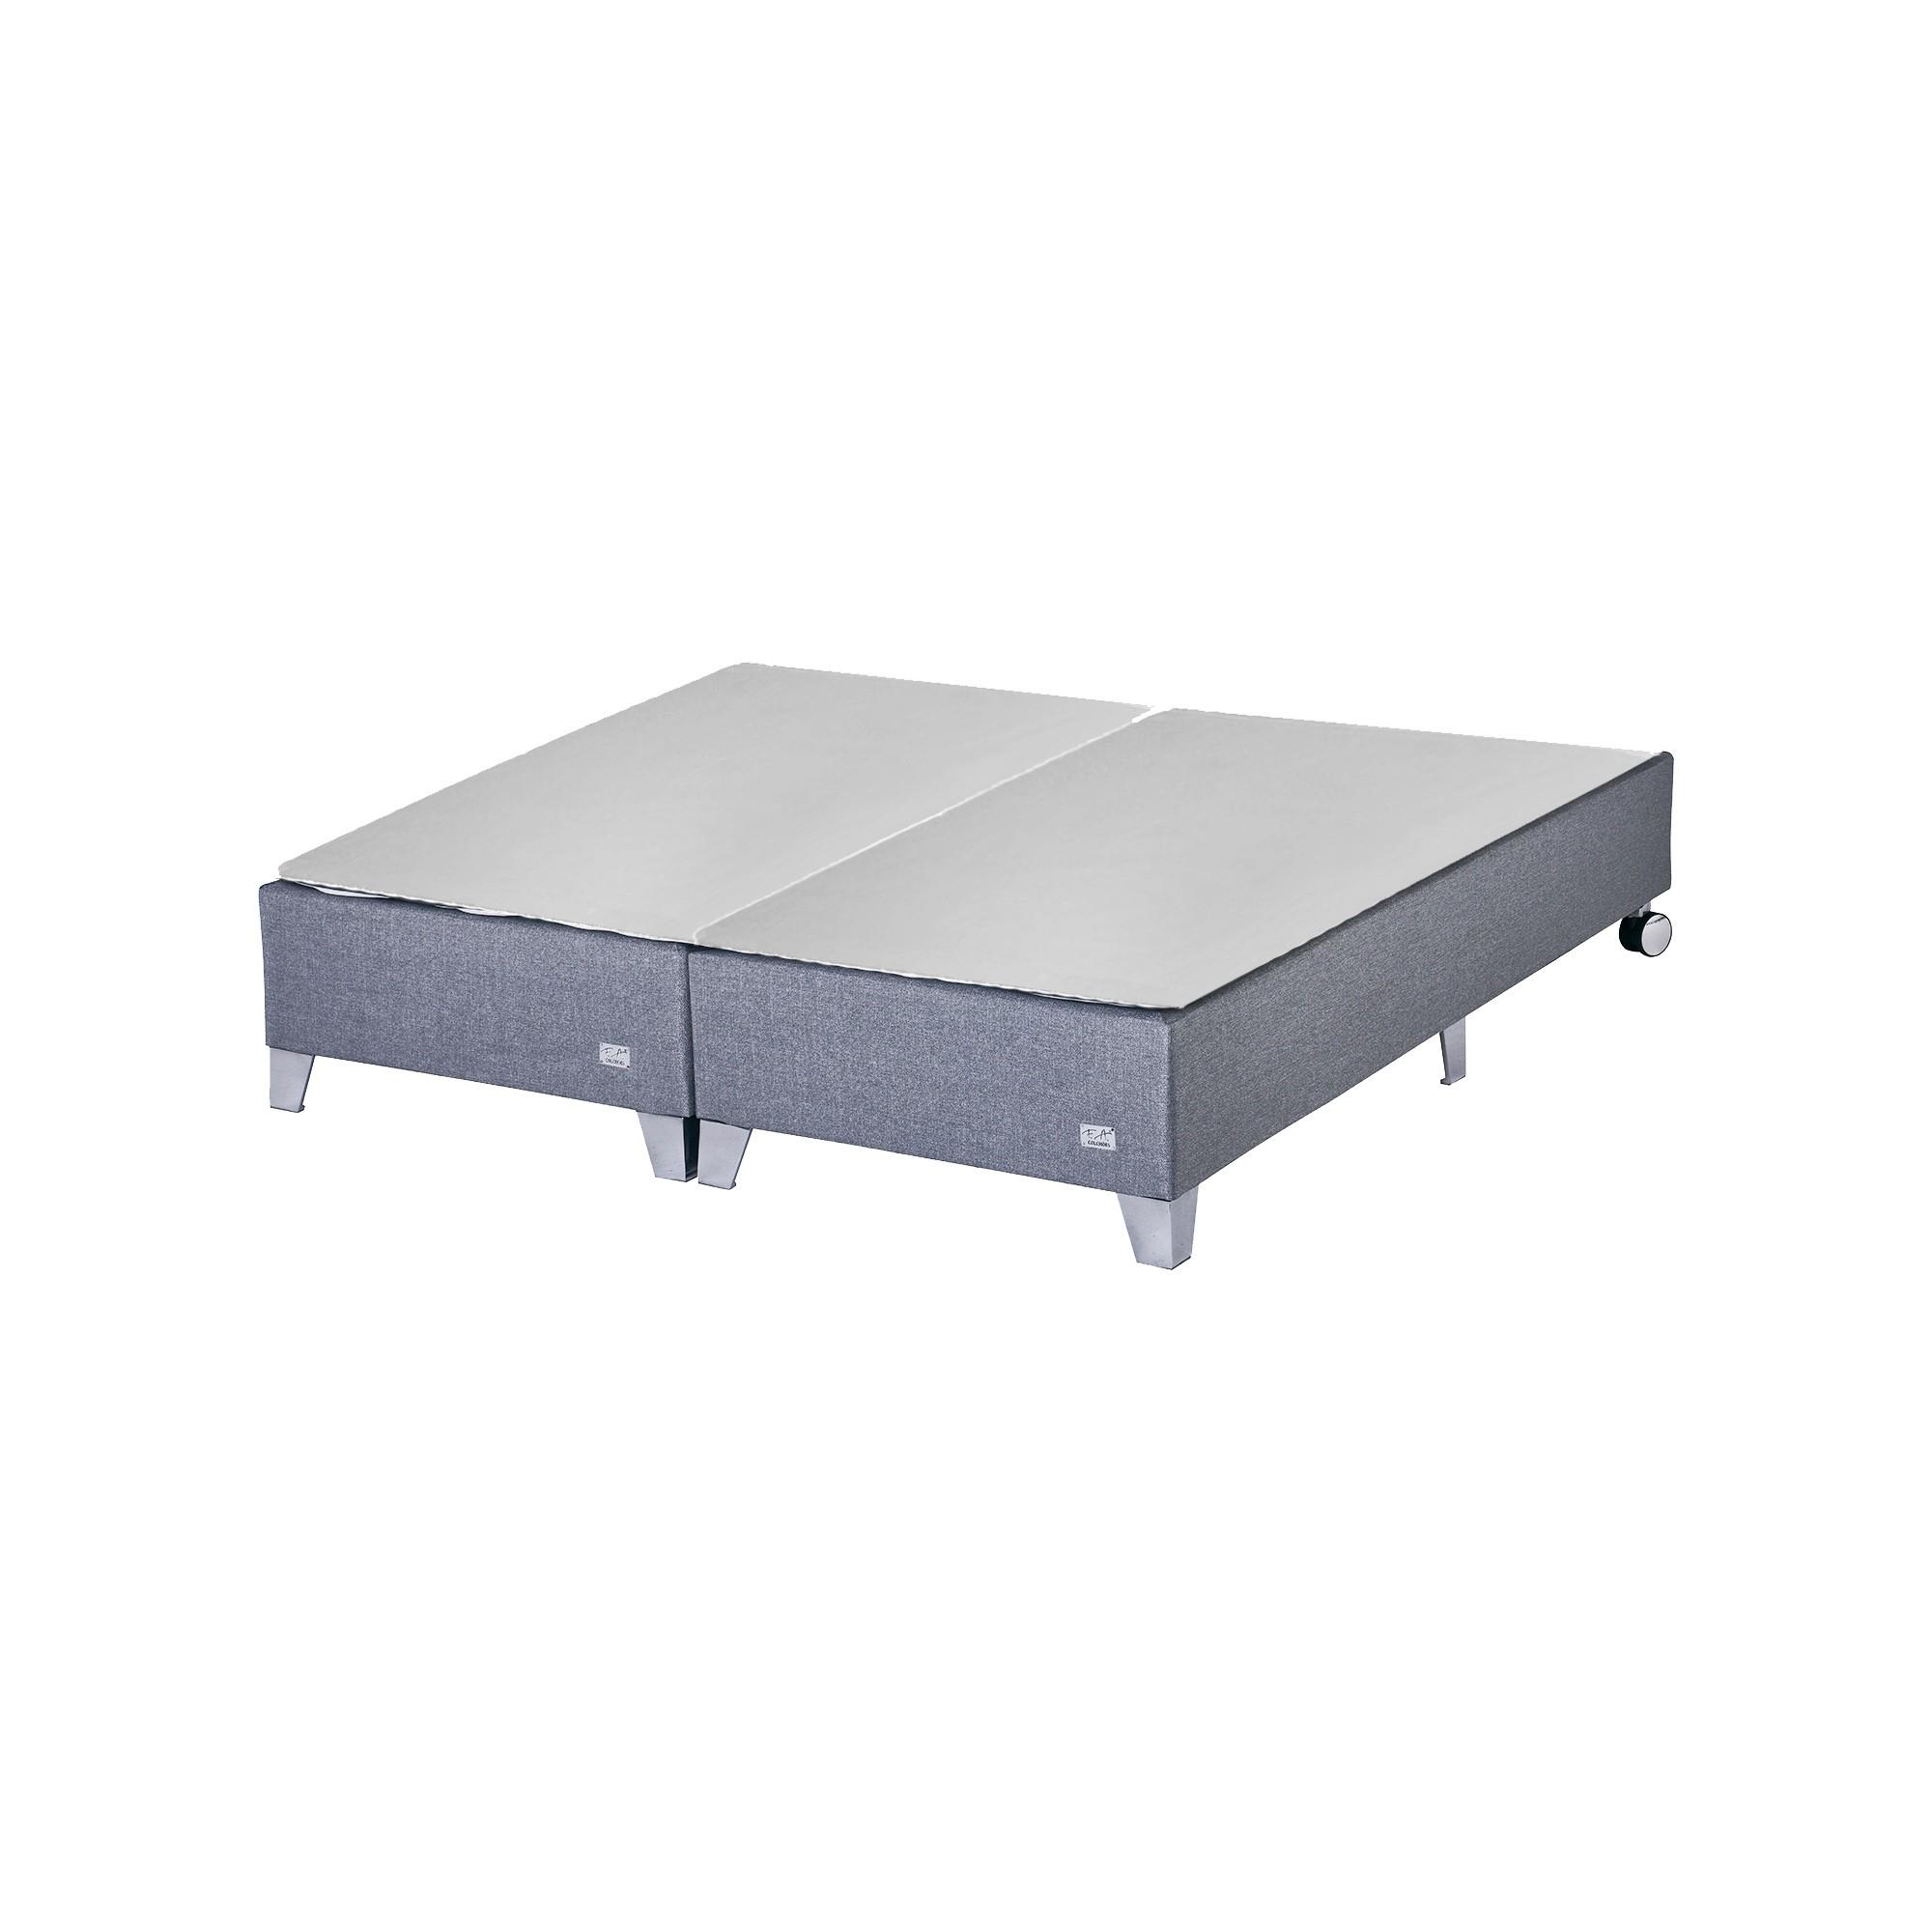 Box F.A. Colchões Premium Cinza 25 cm [Solteirão 097 x 203 cm]